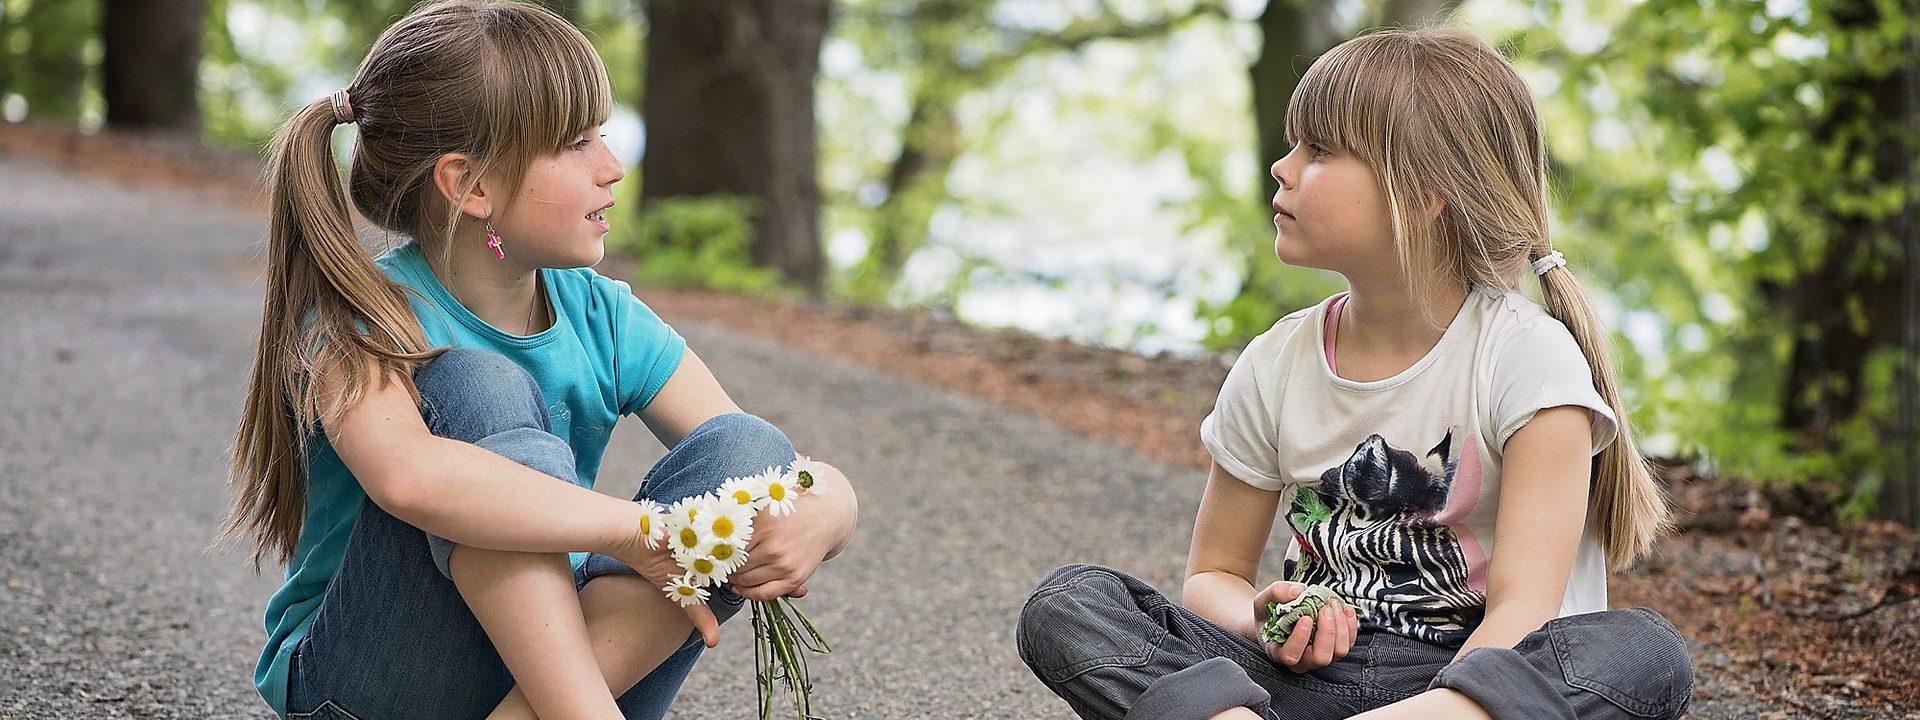 ¿Cómo tener buenas relaciones sociales en la infancia y adolescencia?